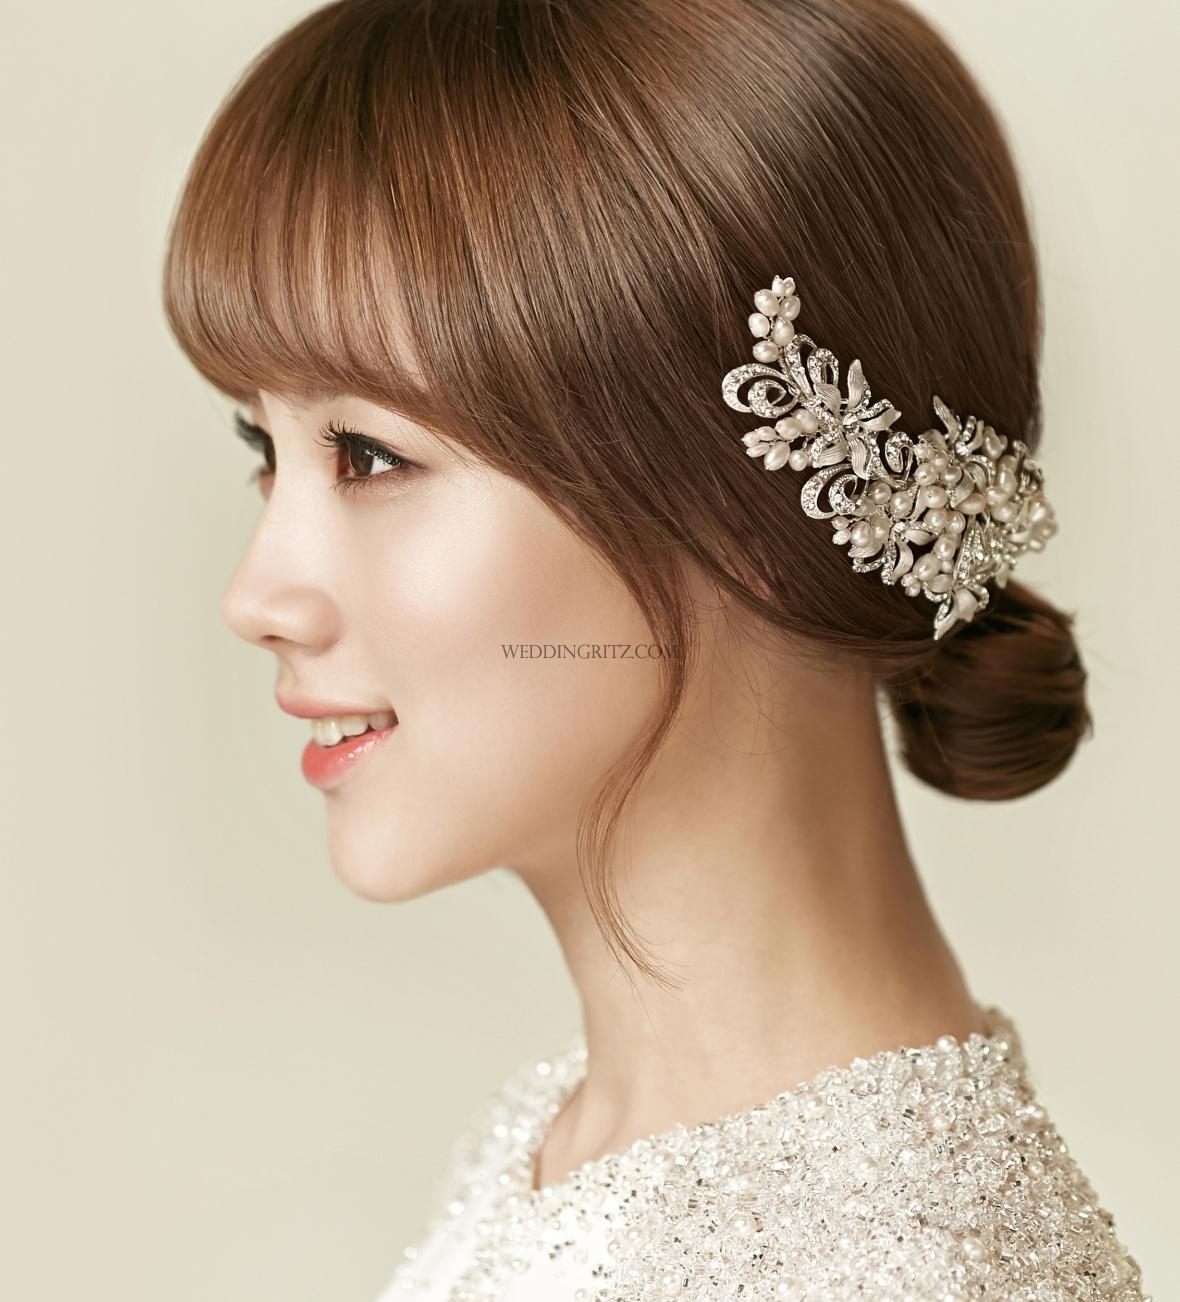 xu hướng trang điểm cô dâu 1